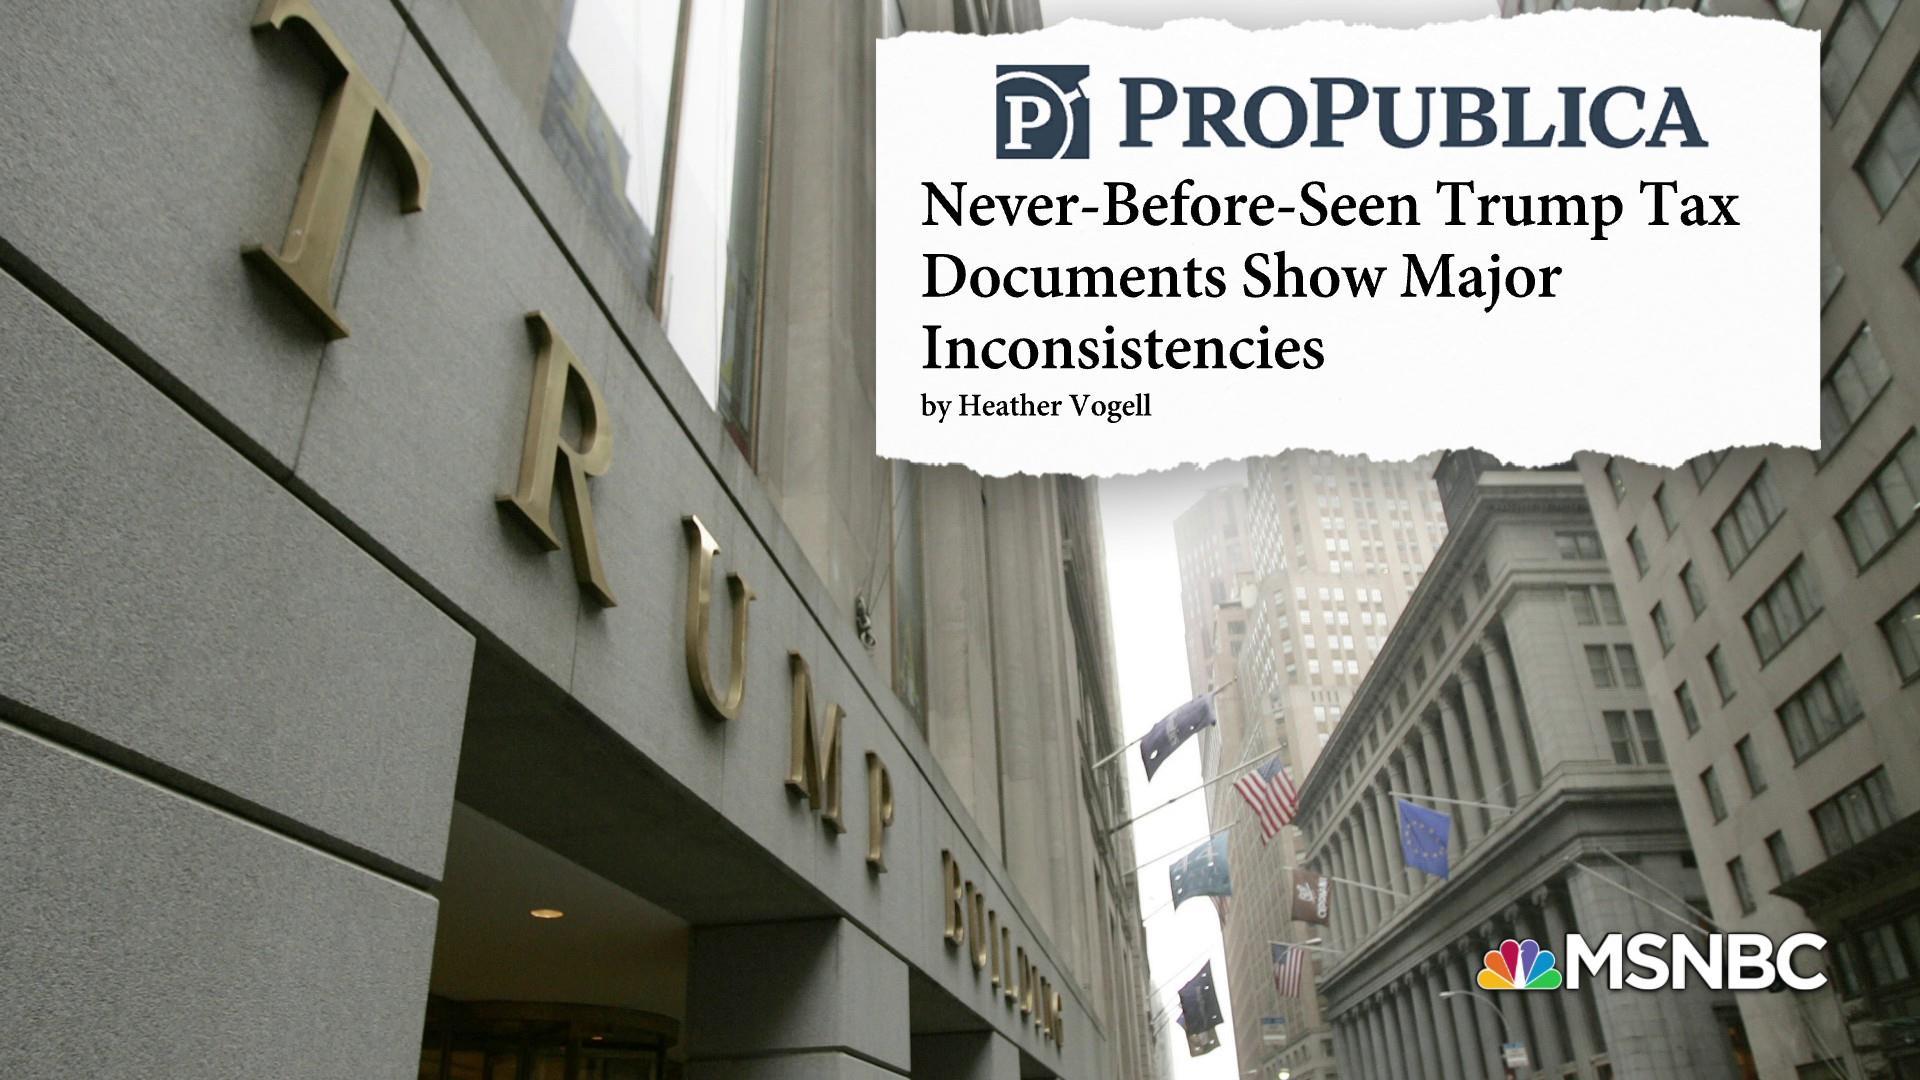 ProPublica: Never-before-seen Trump tax docs show major inconsistencies